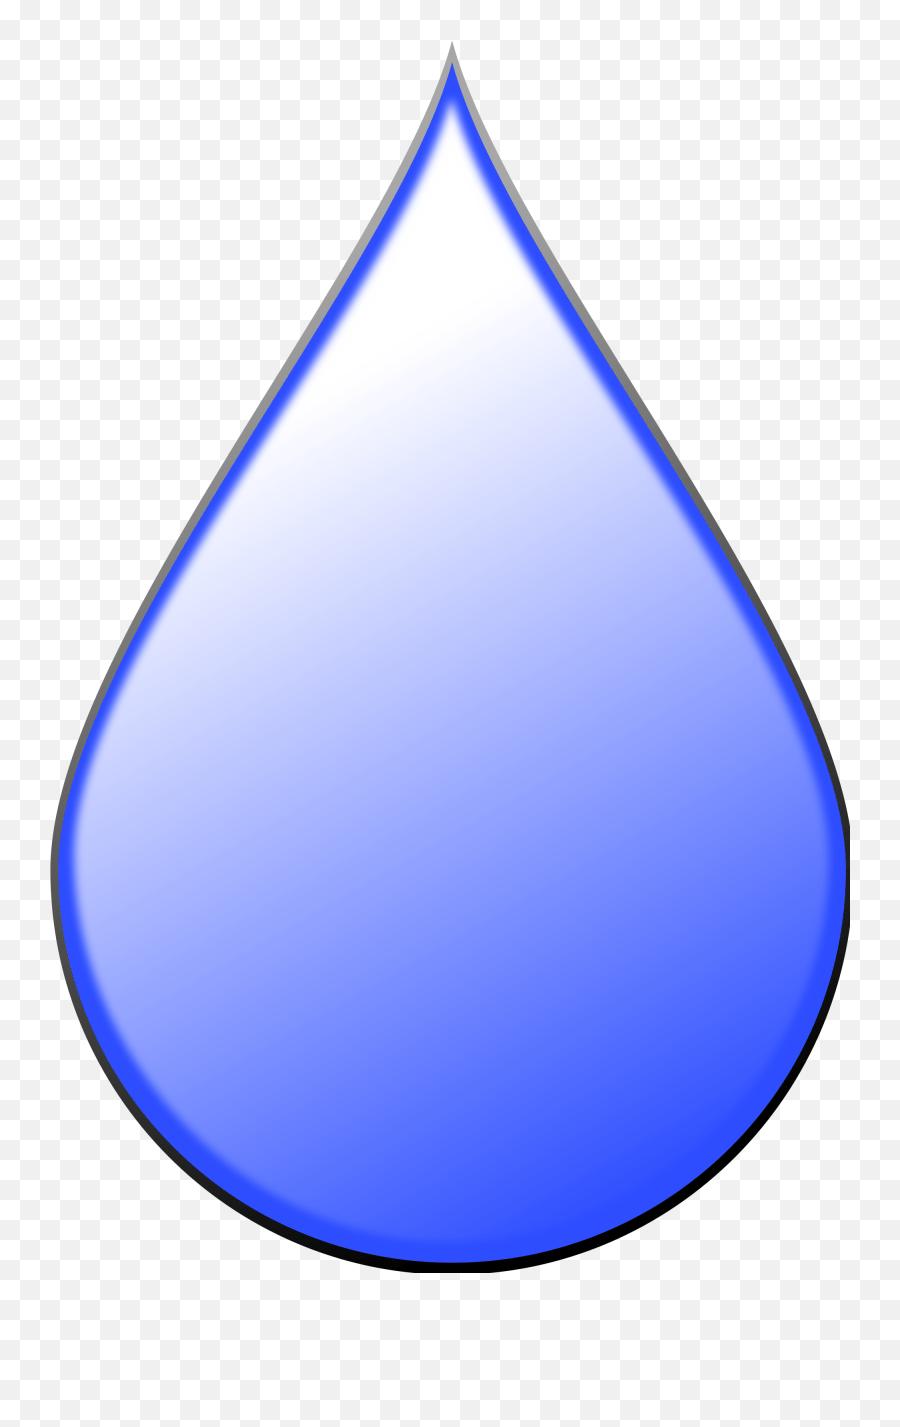 Cartoon Rain Drop : cartoon, Raindrops, Clipart, Water, Download, Transparent, Cartoon, Images, Pngaaa.com